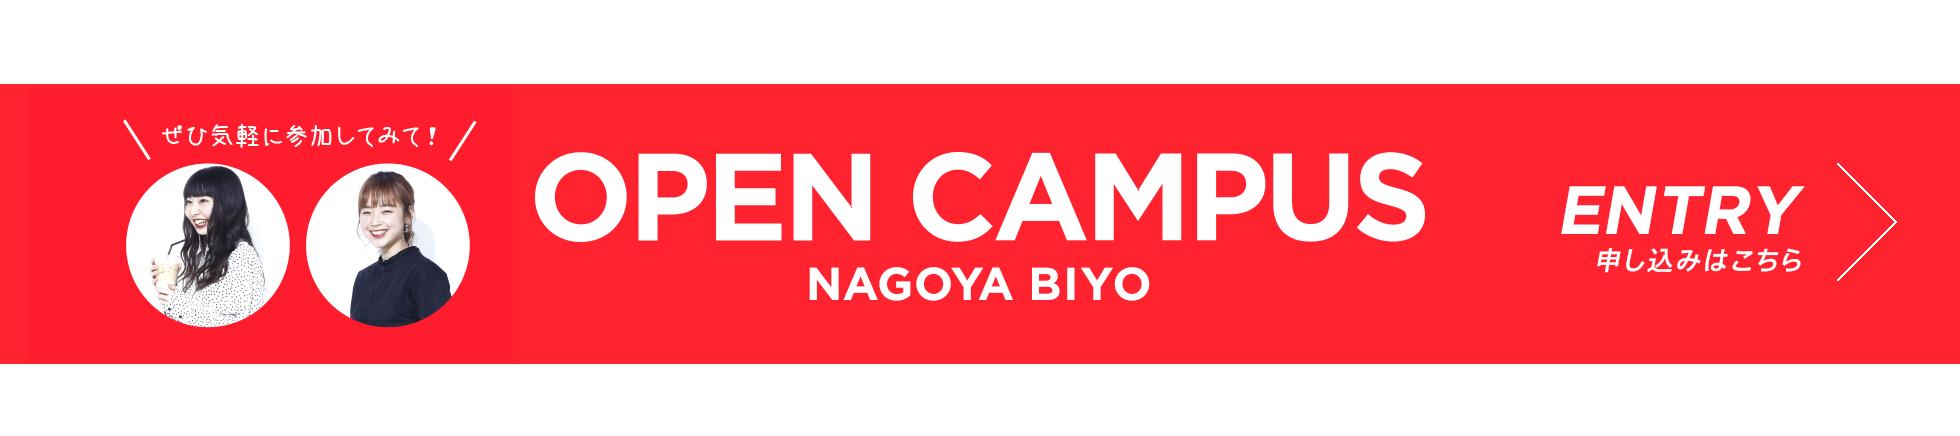 OPEN CAMPUS NAGOYA BIYO